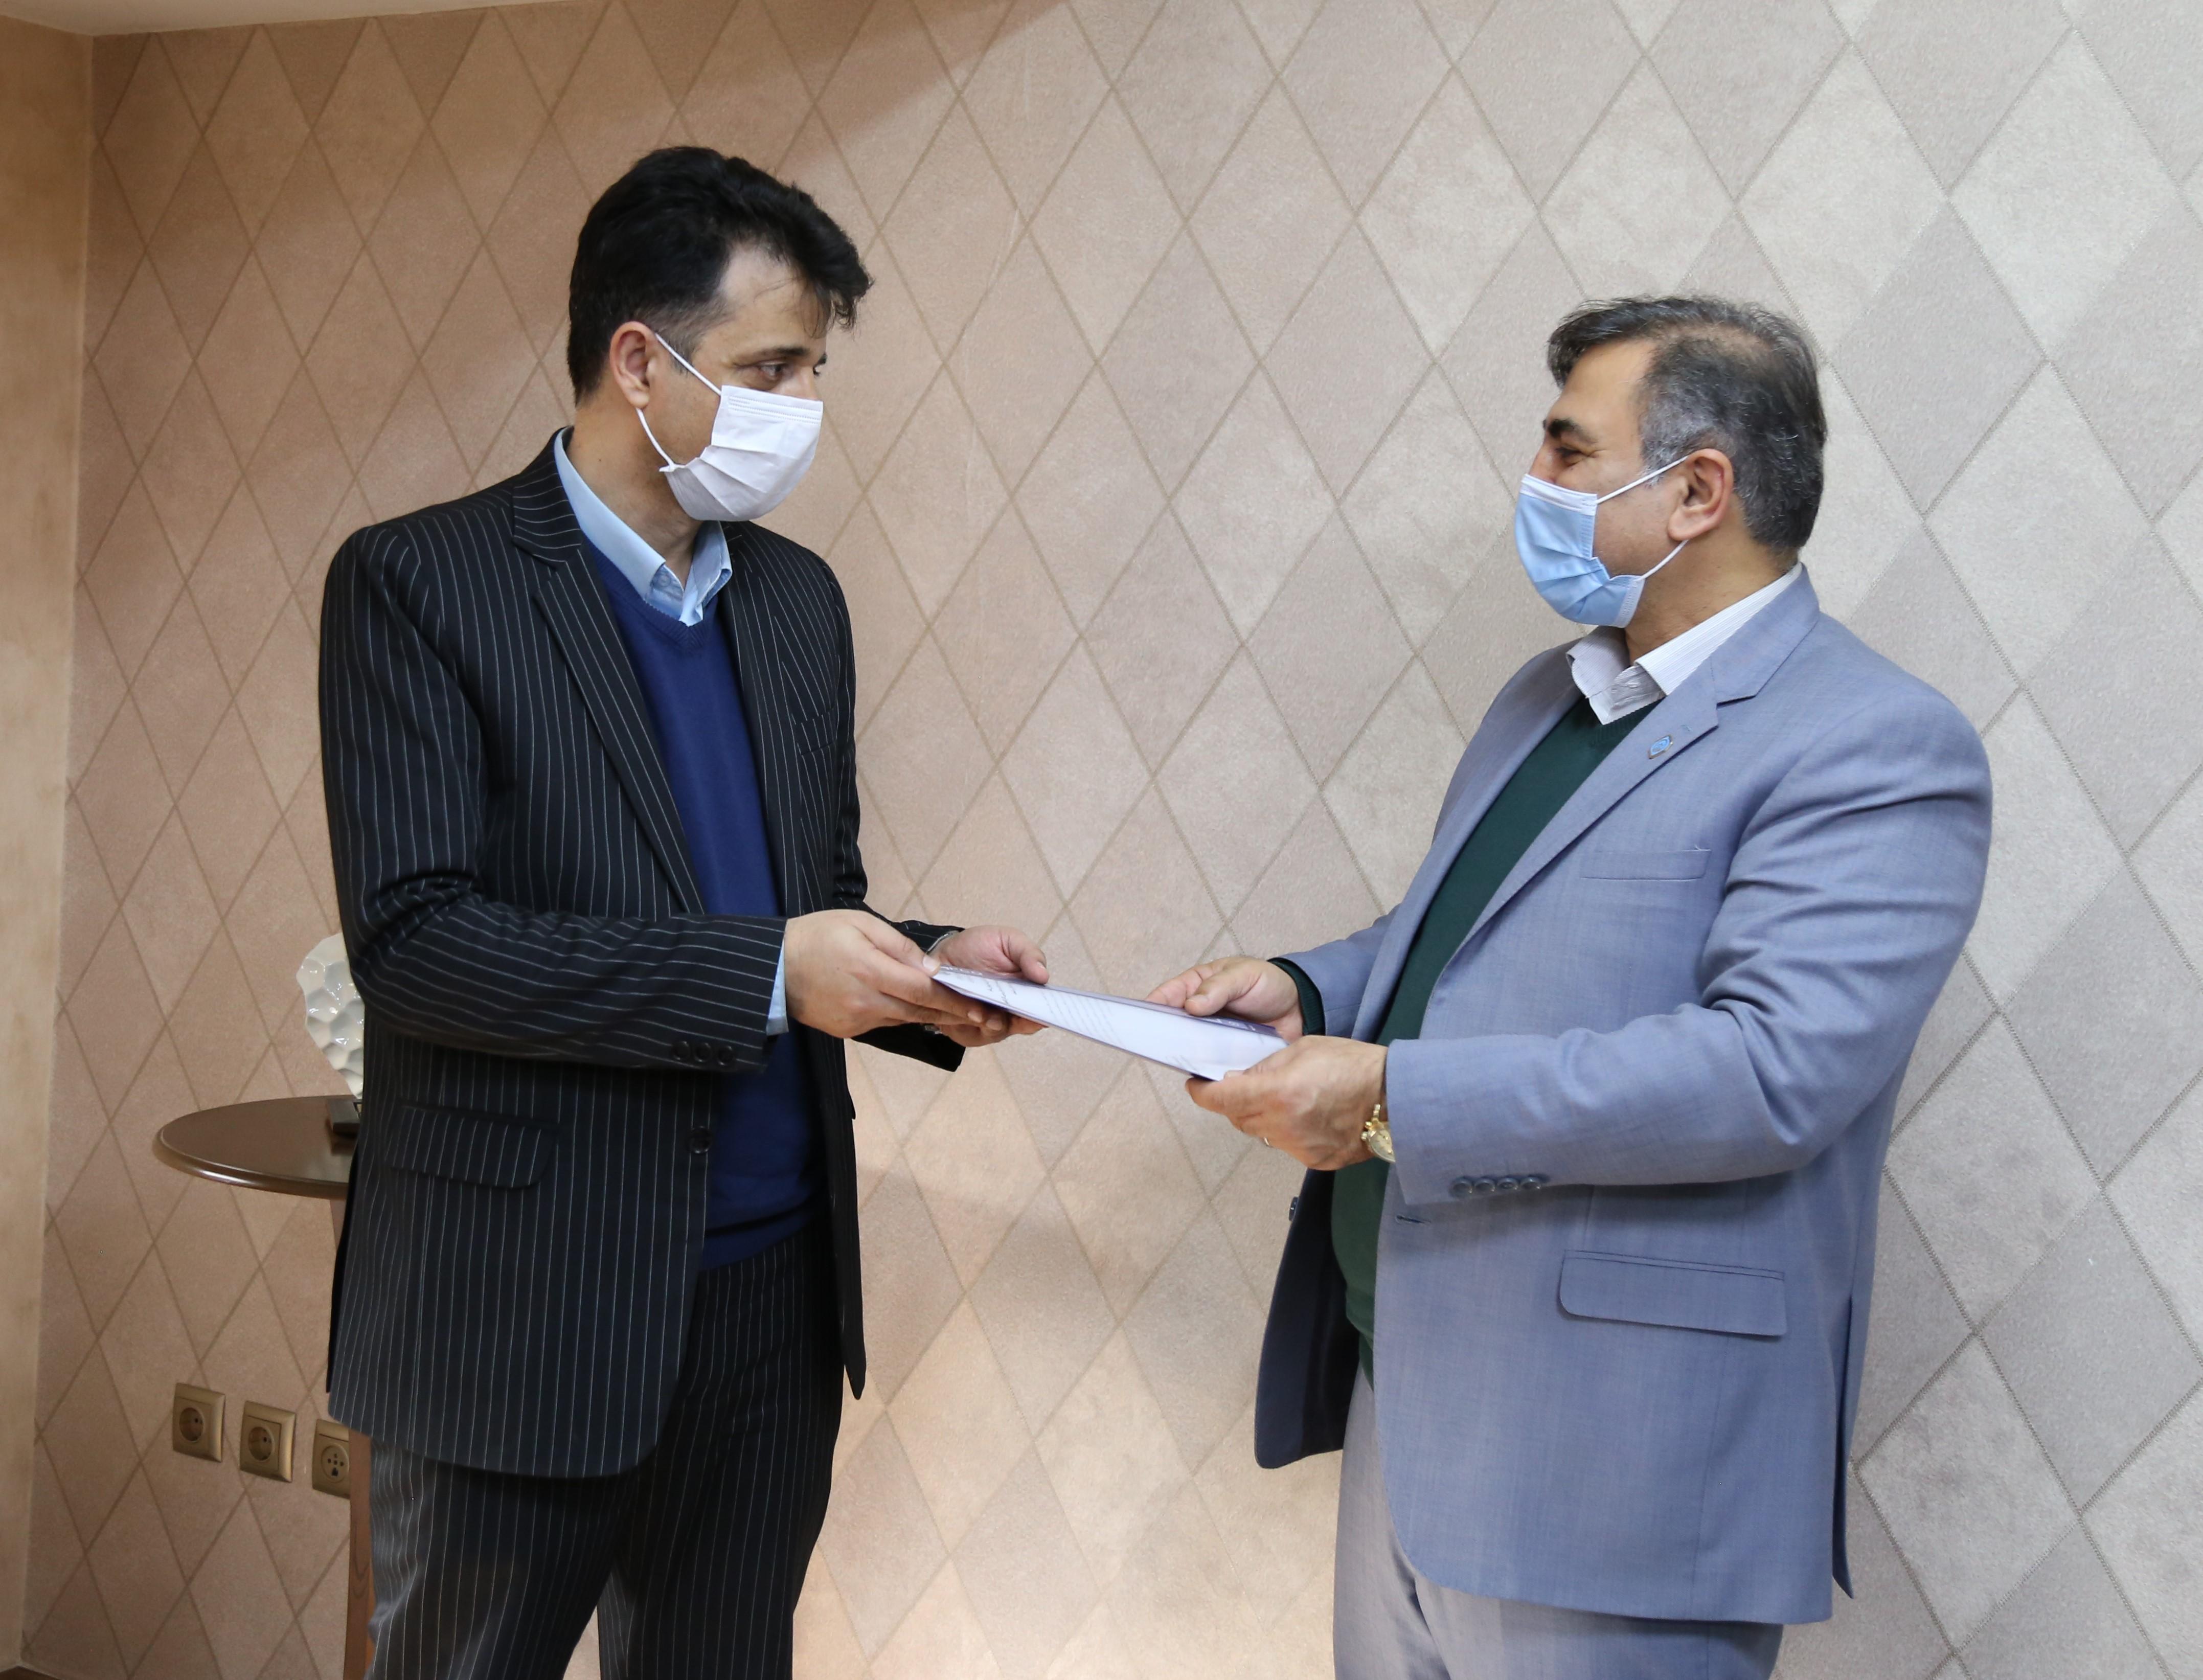 مراسم معارفه رئیس جدید تامین اجتماعی شعبه شهرصنعتی رشت